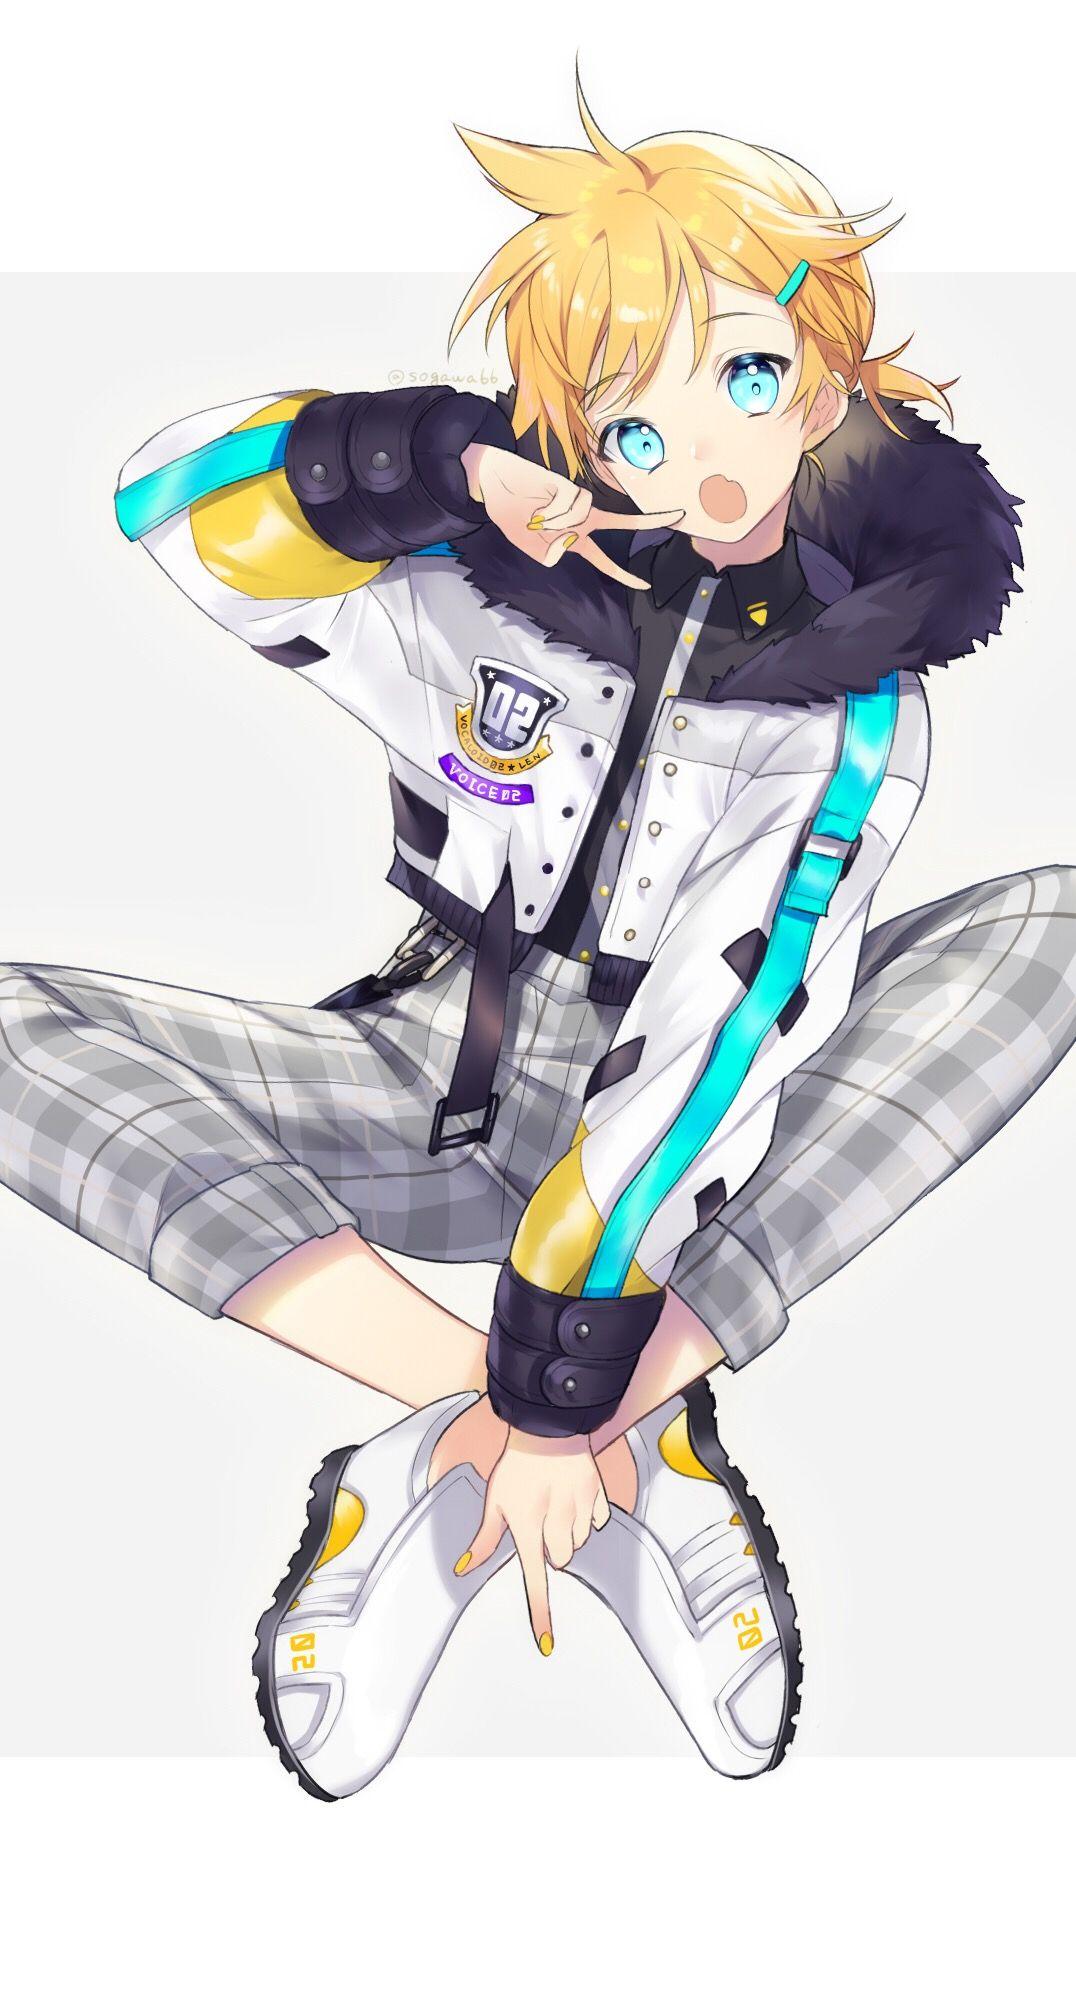 姐川 on in 2020 Vocaloid characters, Anime characters